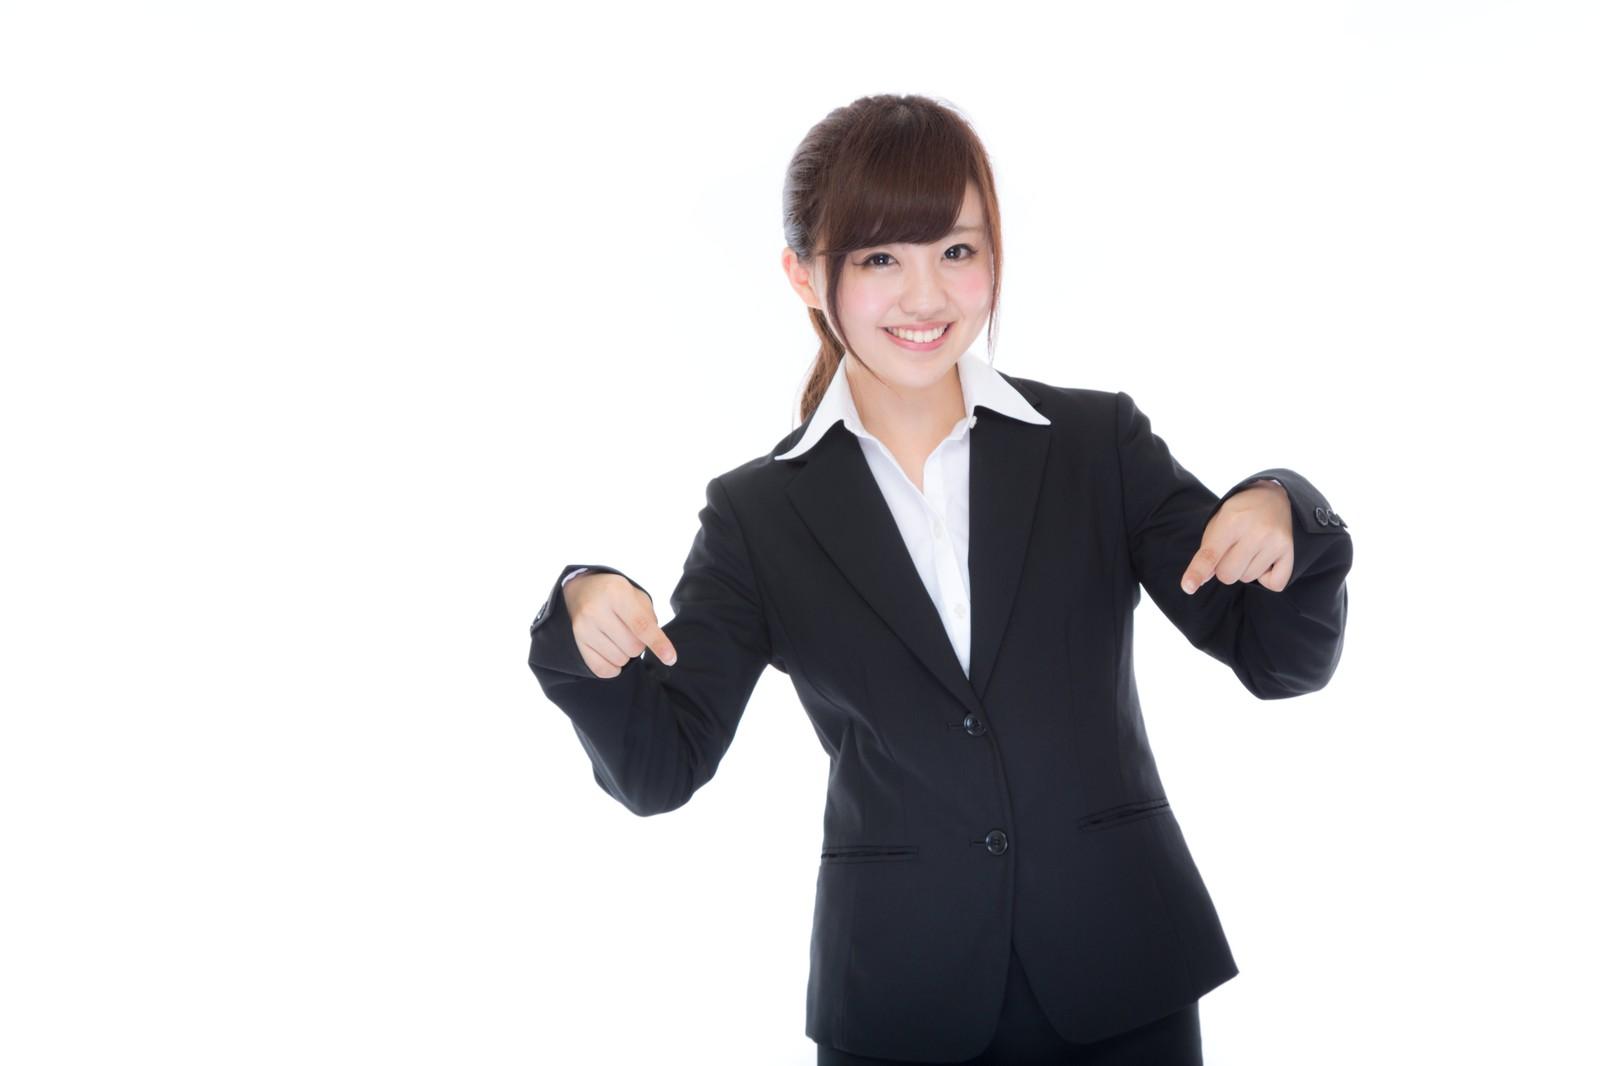 サブスクライフの利用方法を紹介する女性